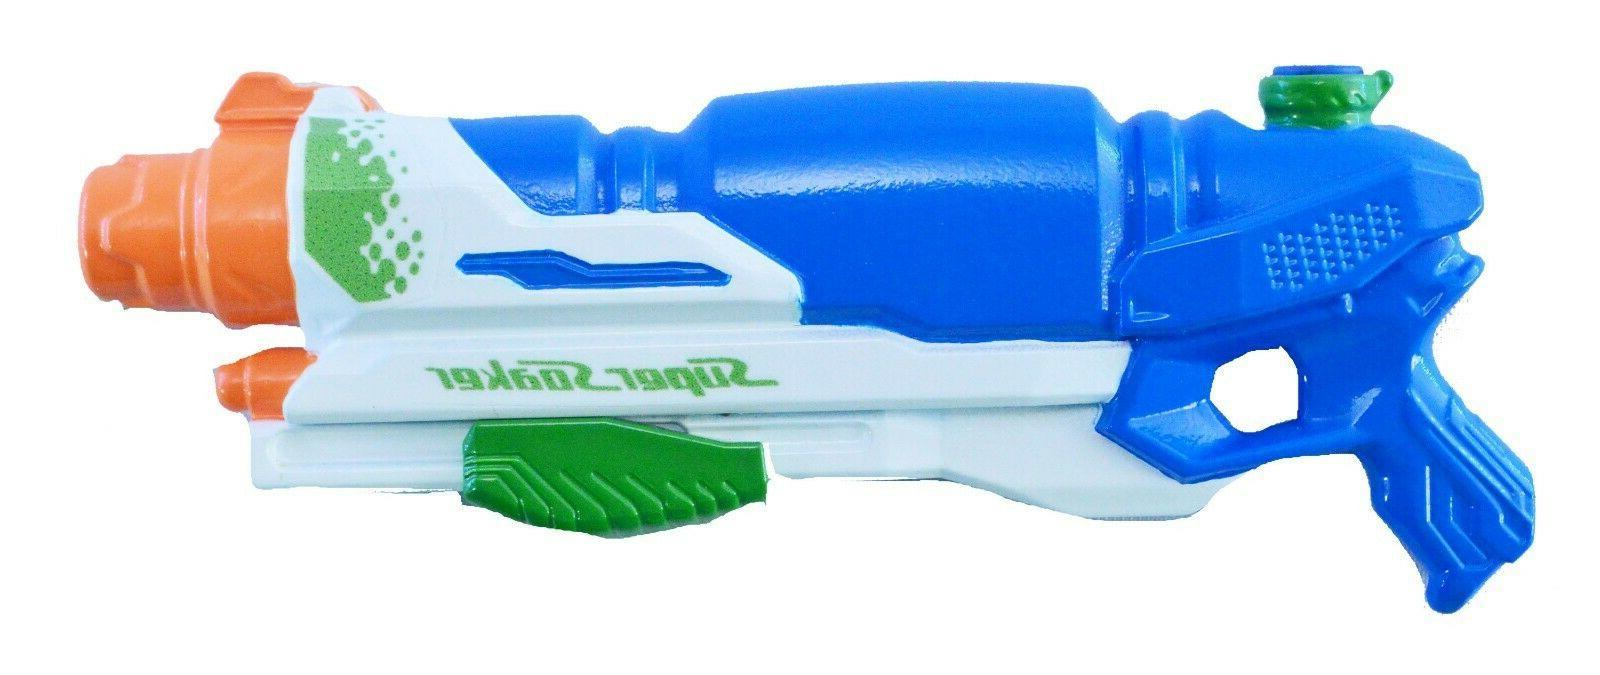 World's Soaker Gun